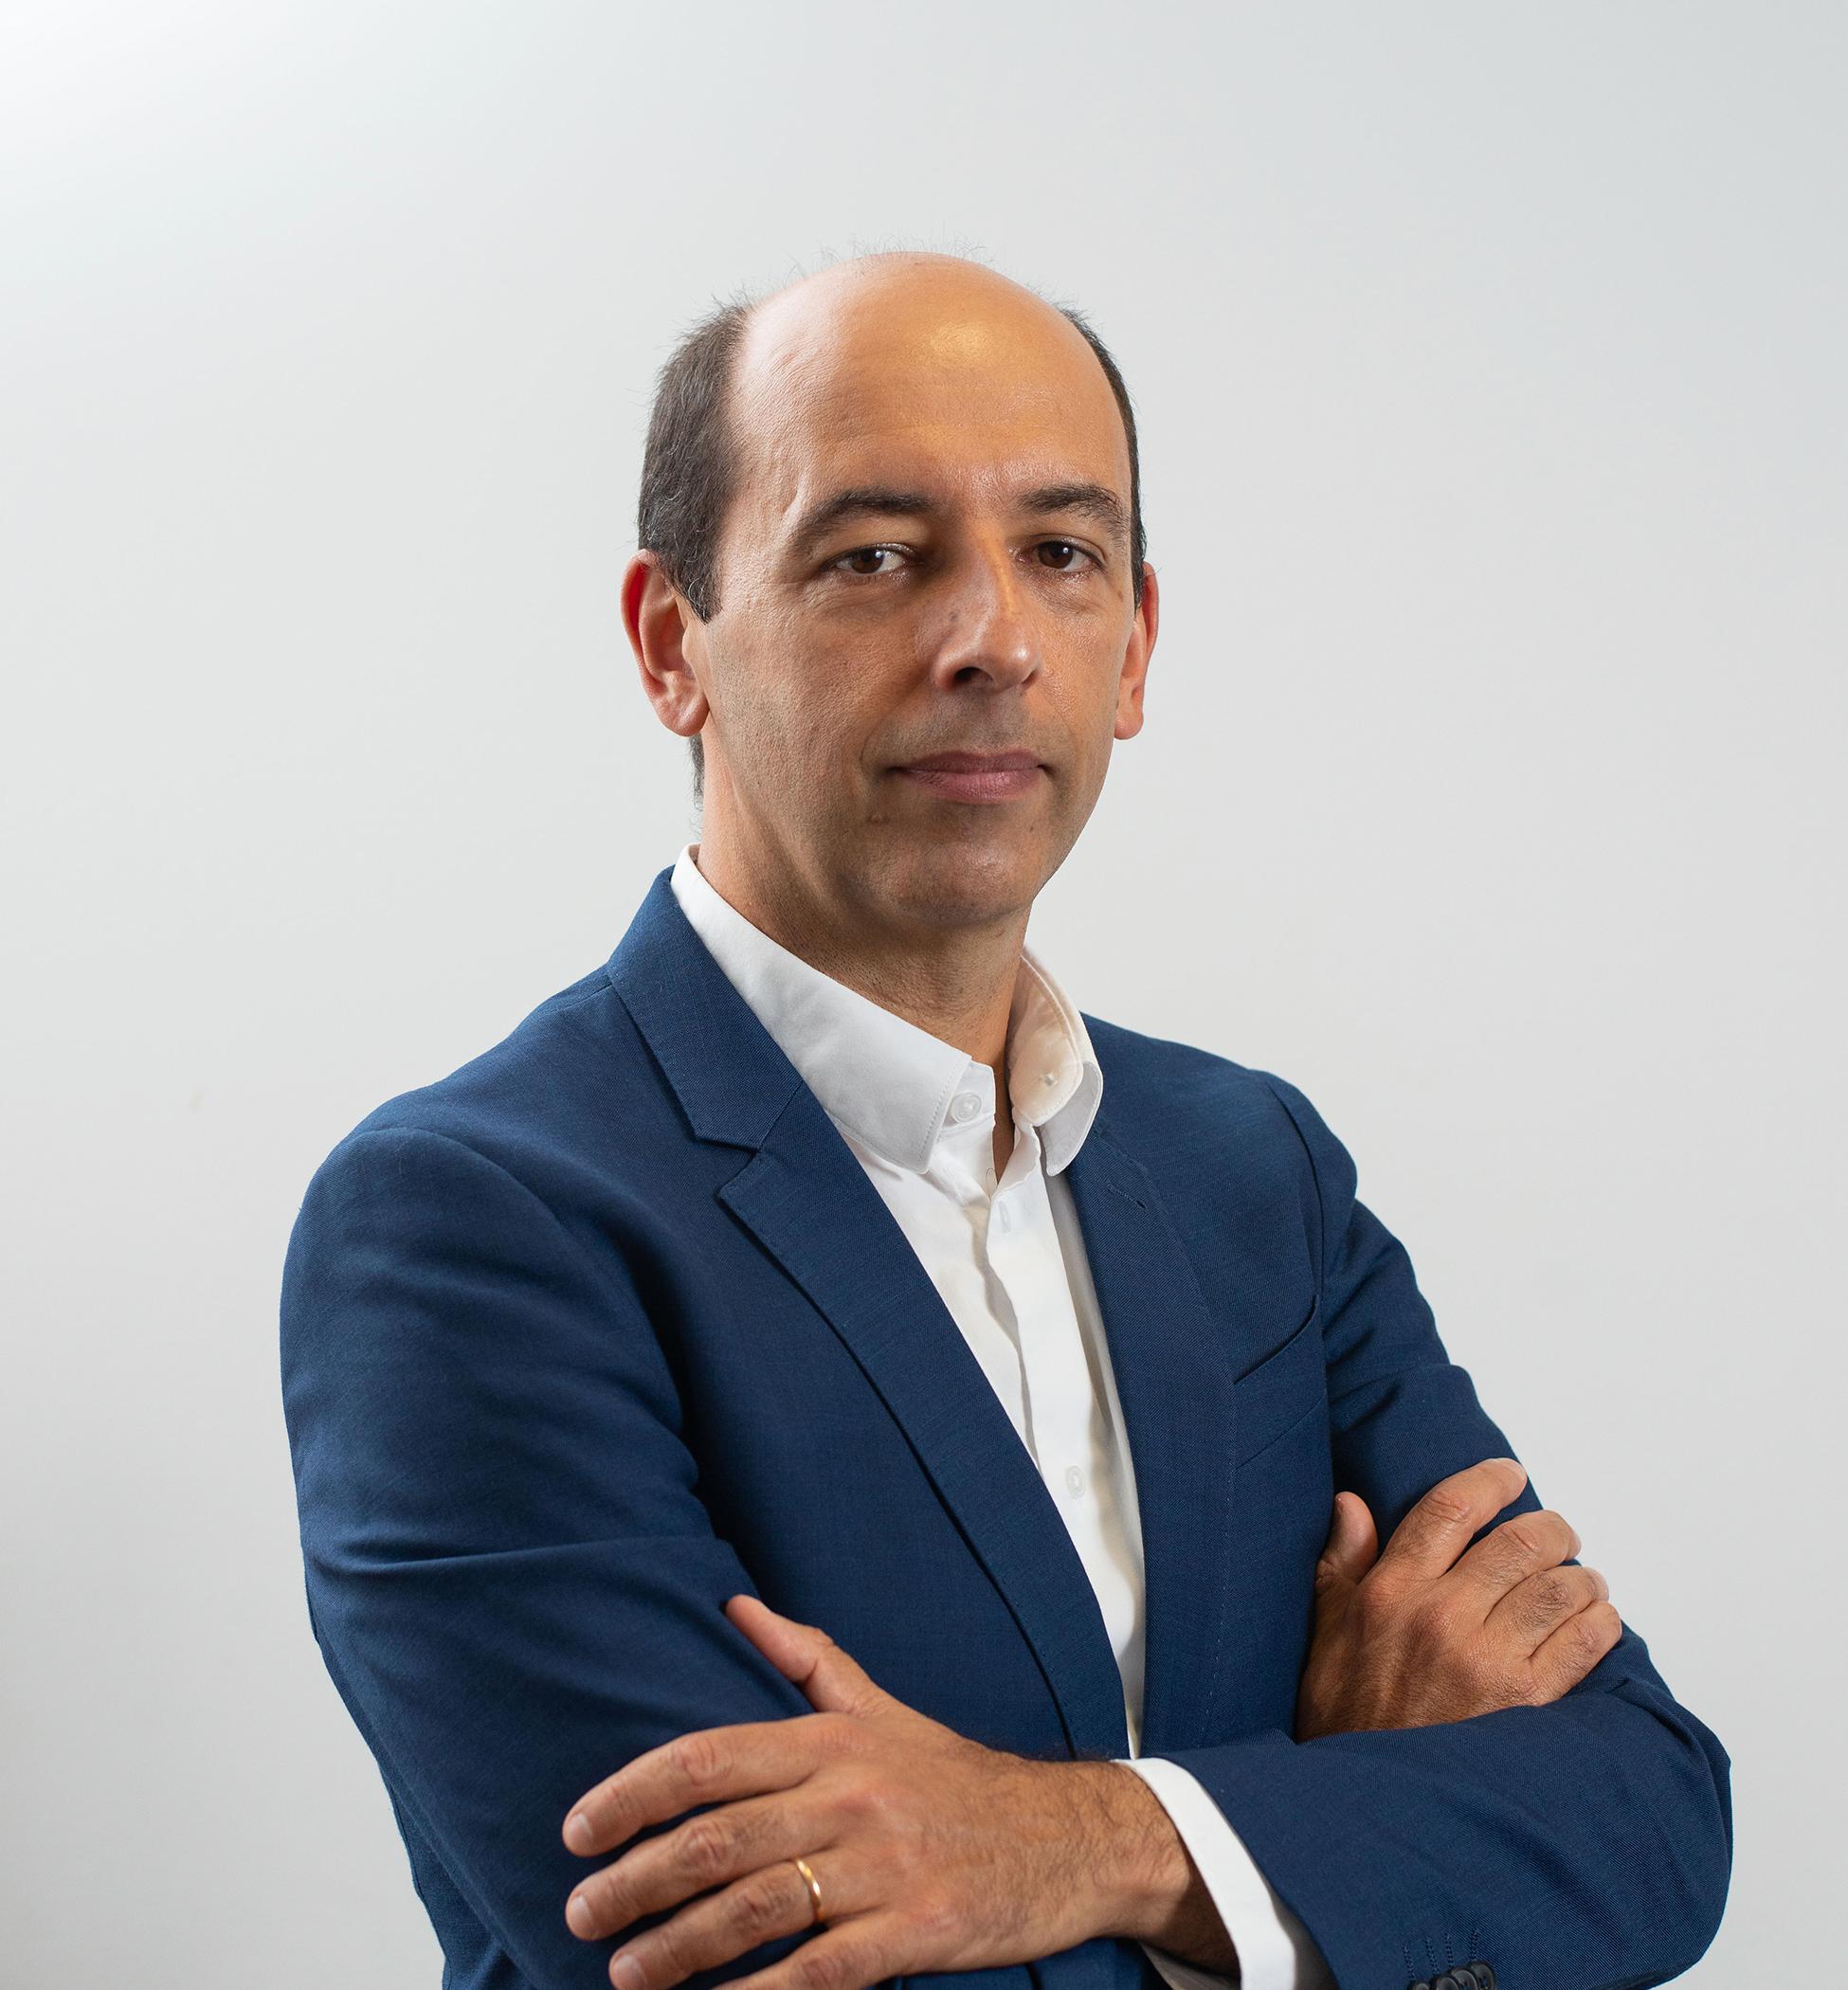 PROFESSOR DR. CARLOS VIEIRA